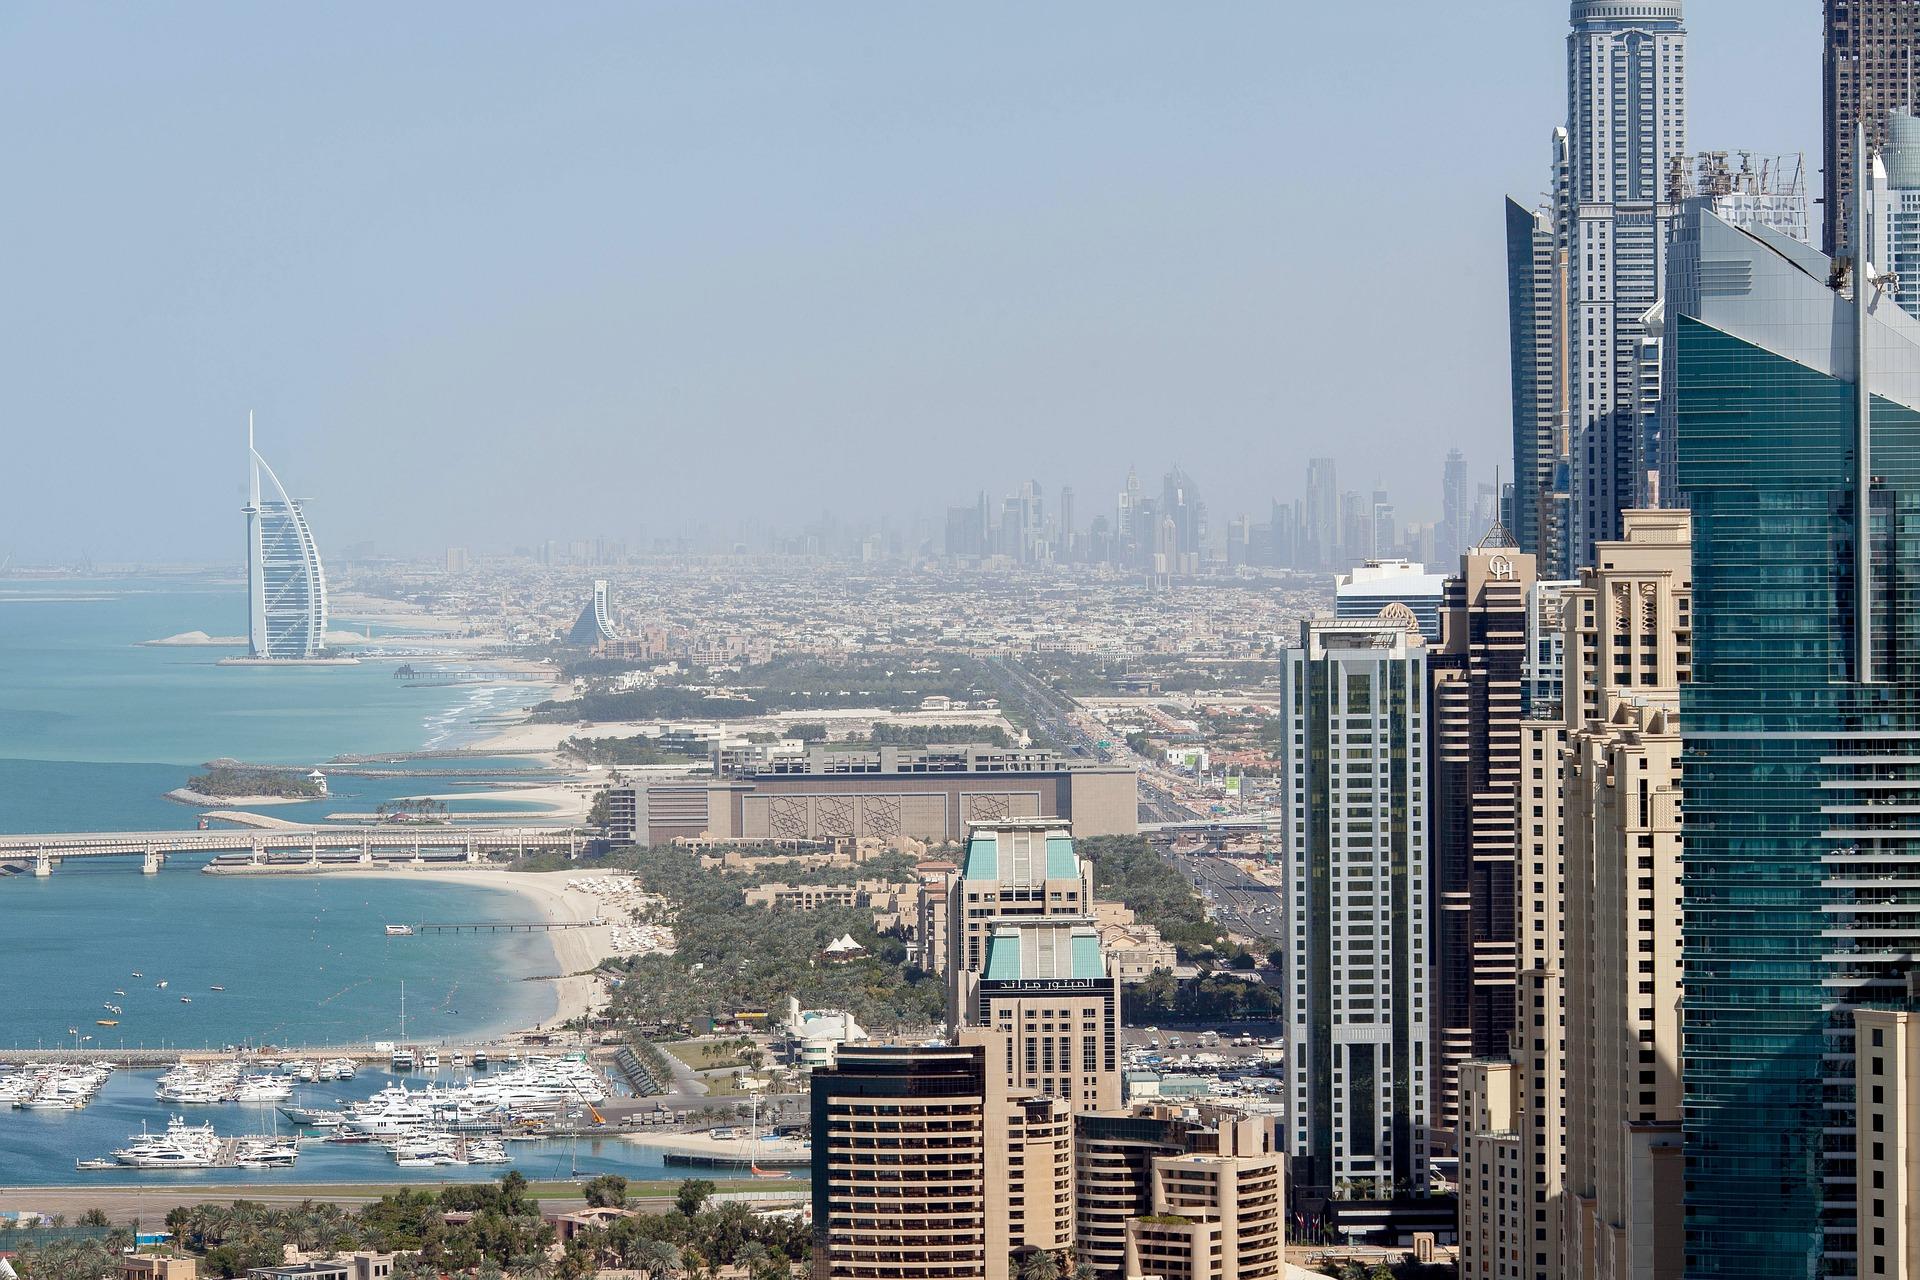 Pigūs skrydžiai į Dubajų